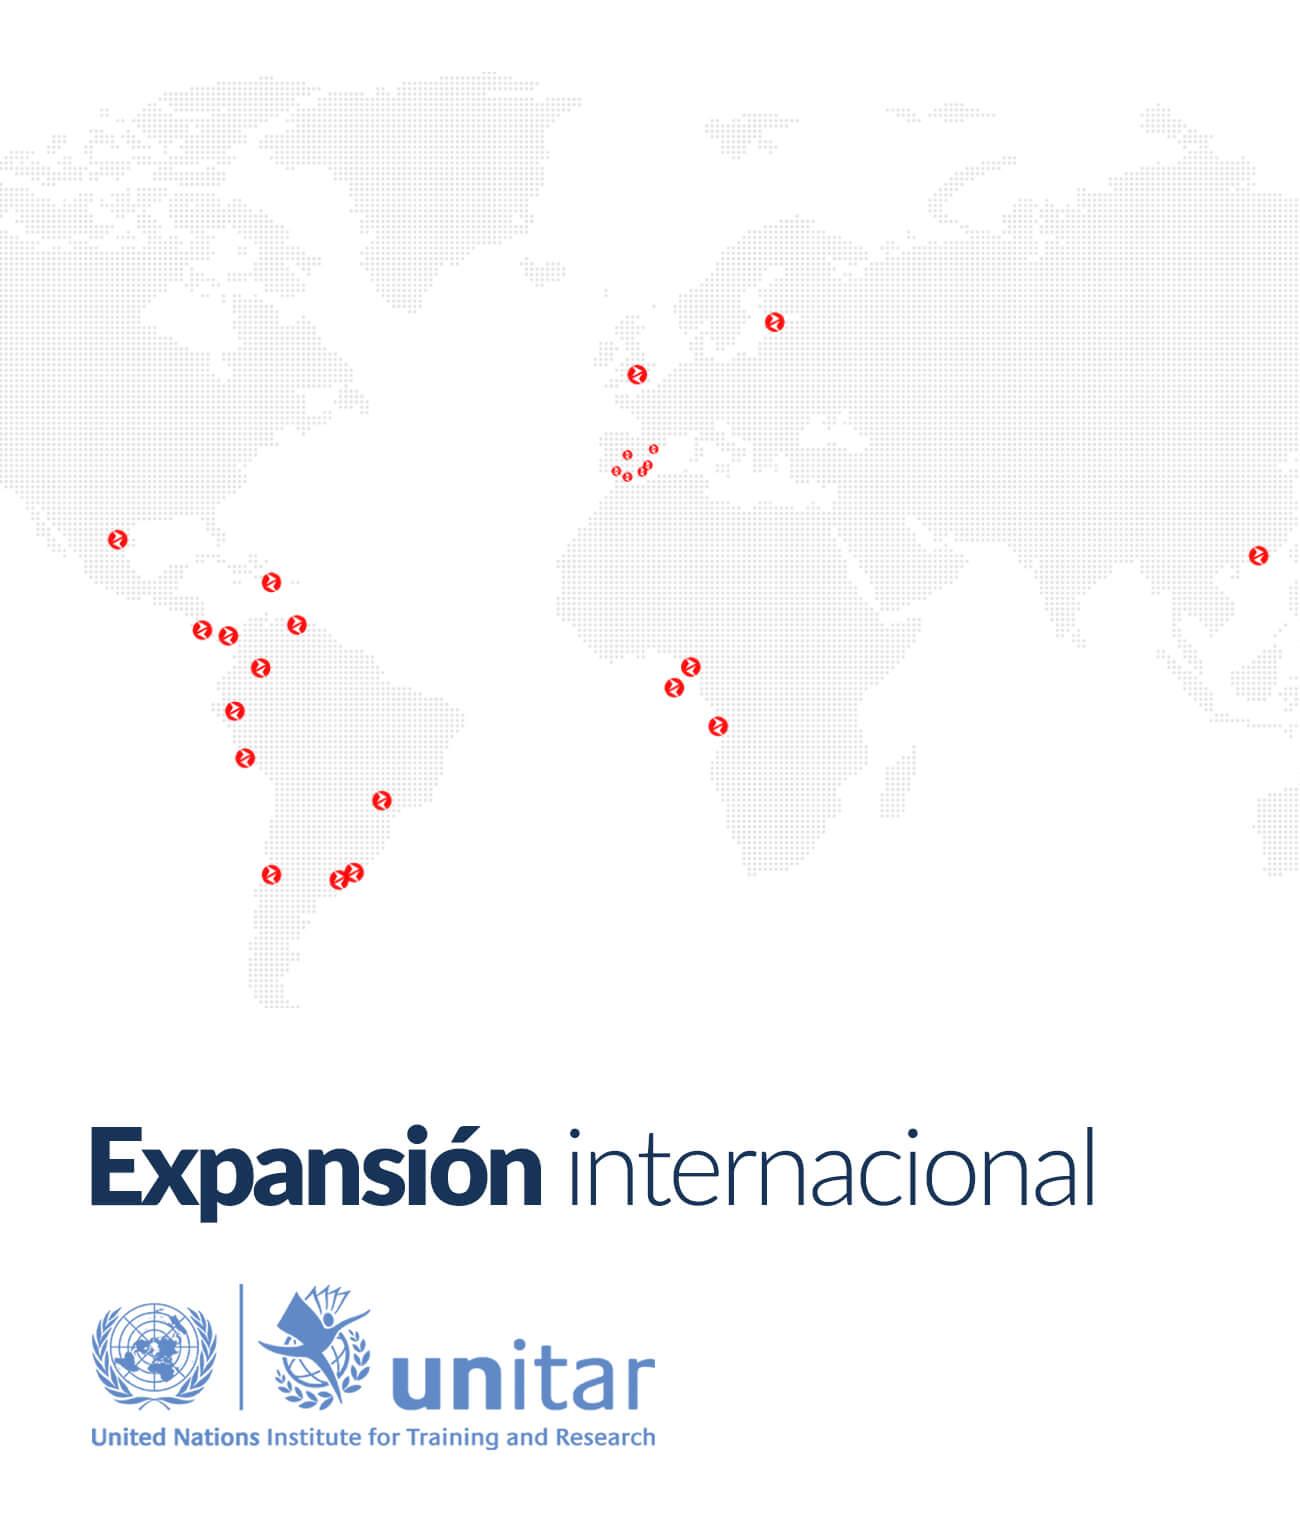 expansioninternacional - Home